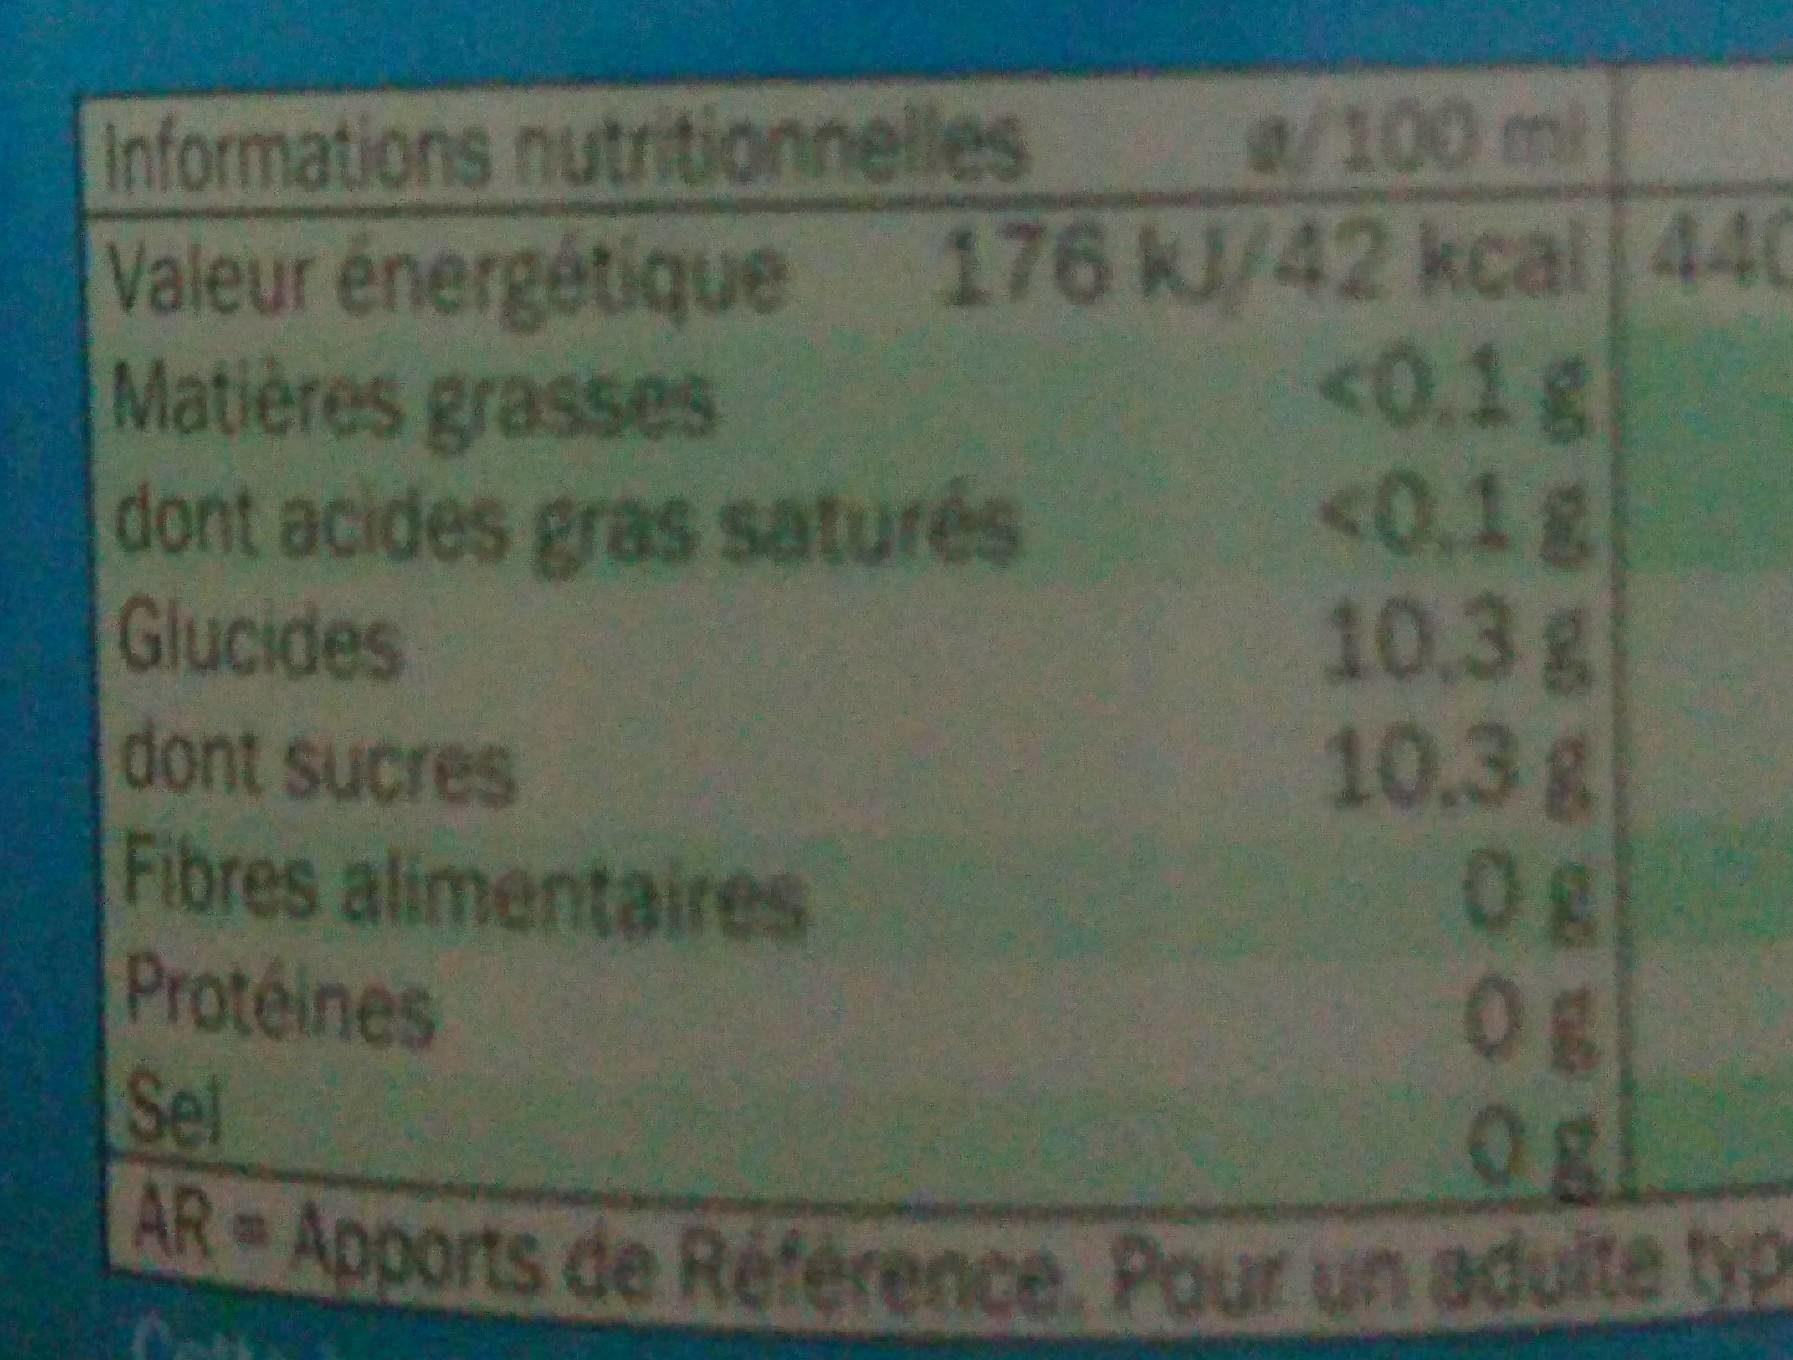 Freeway Lemon - Informations nutritionnelles